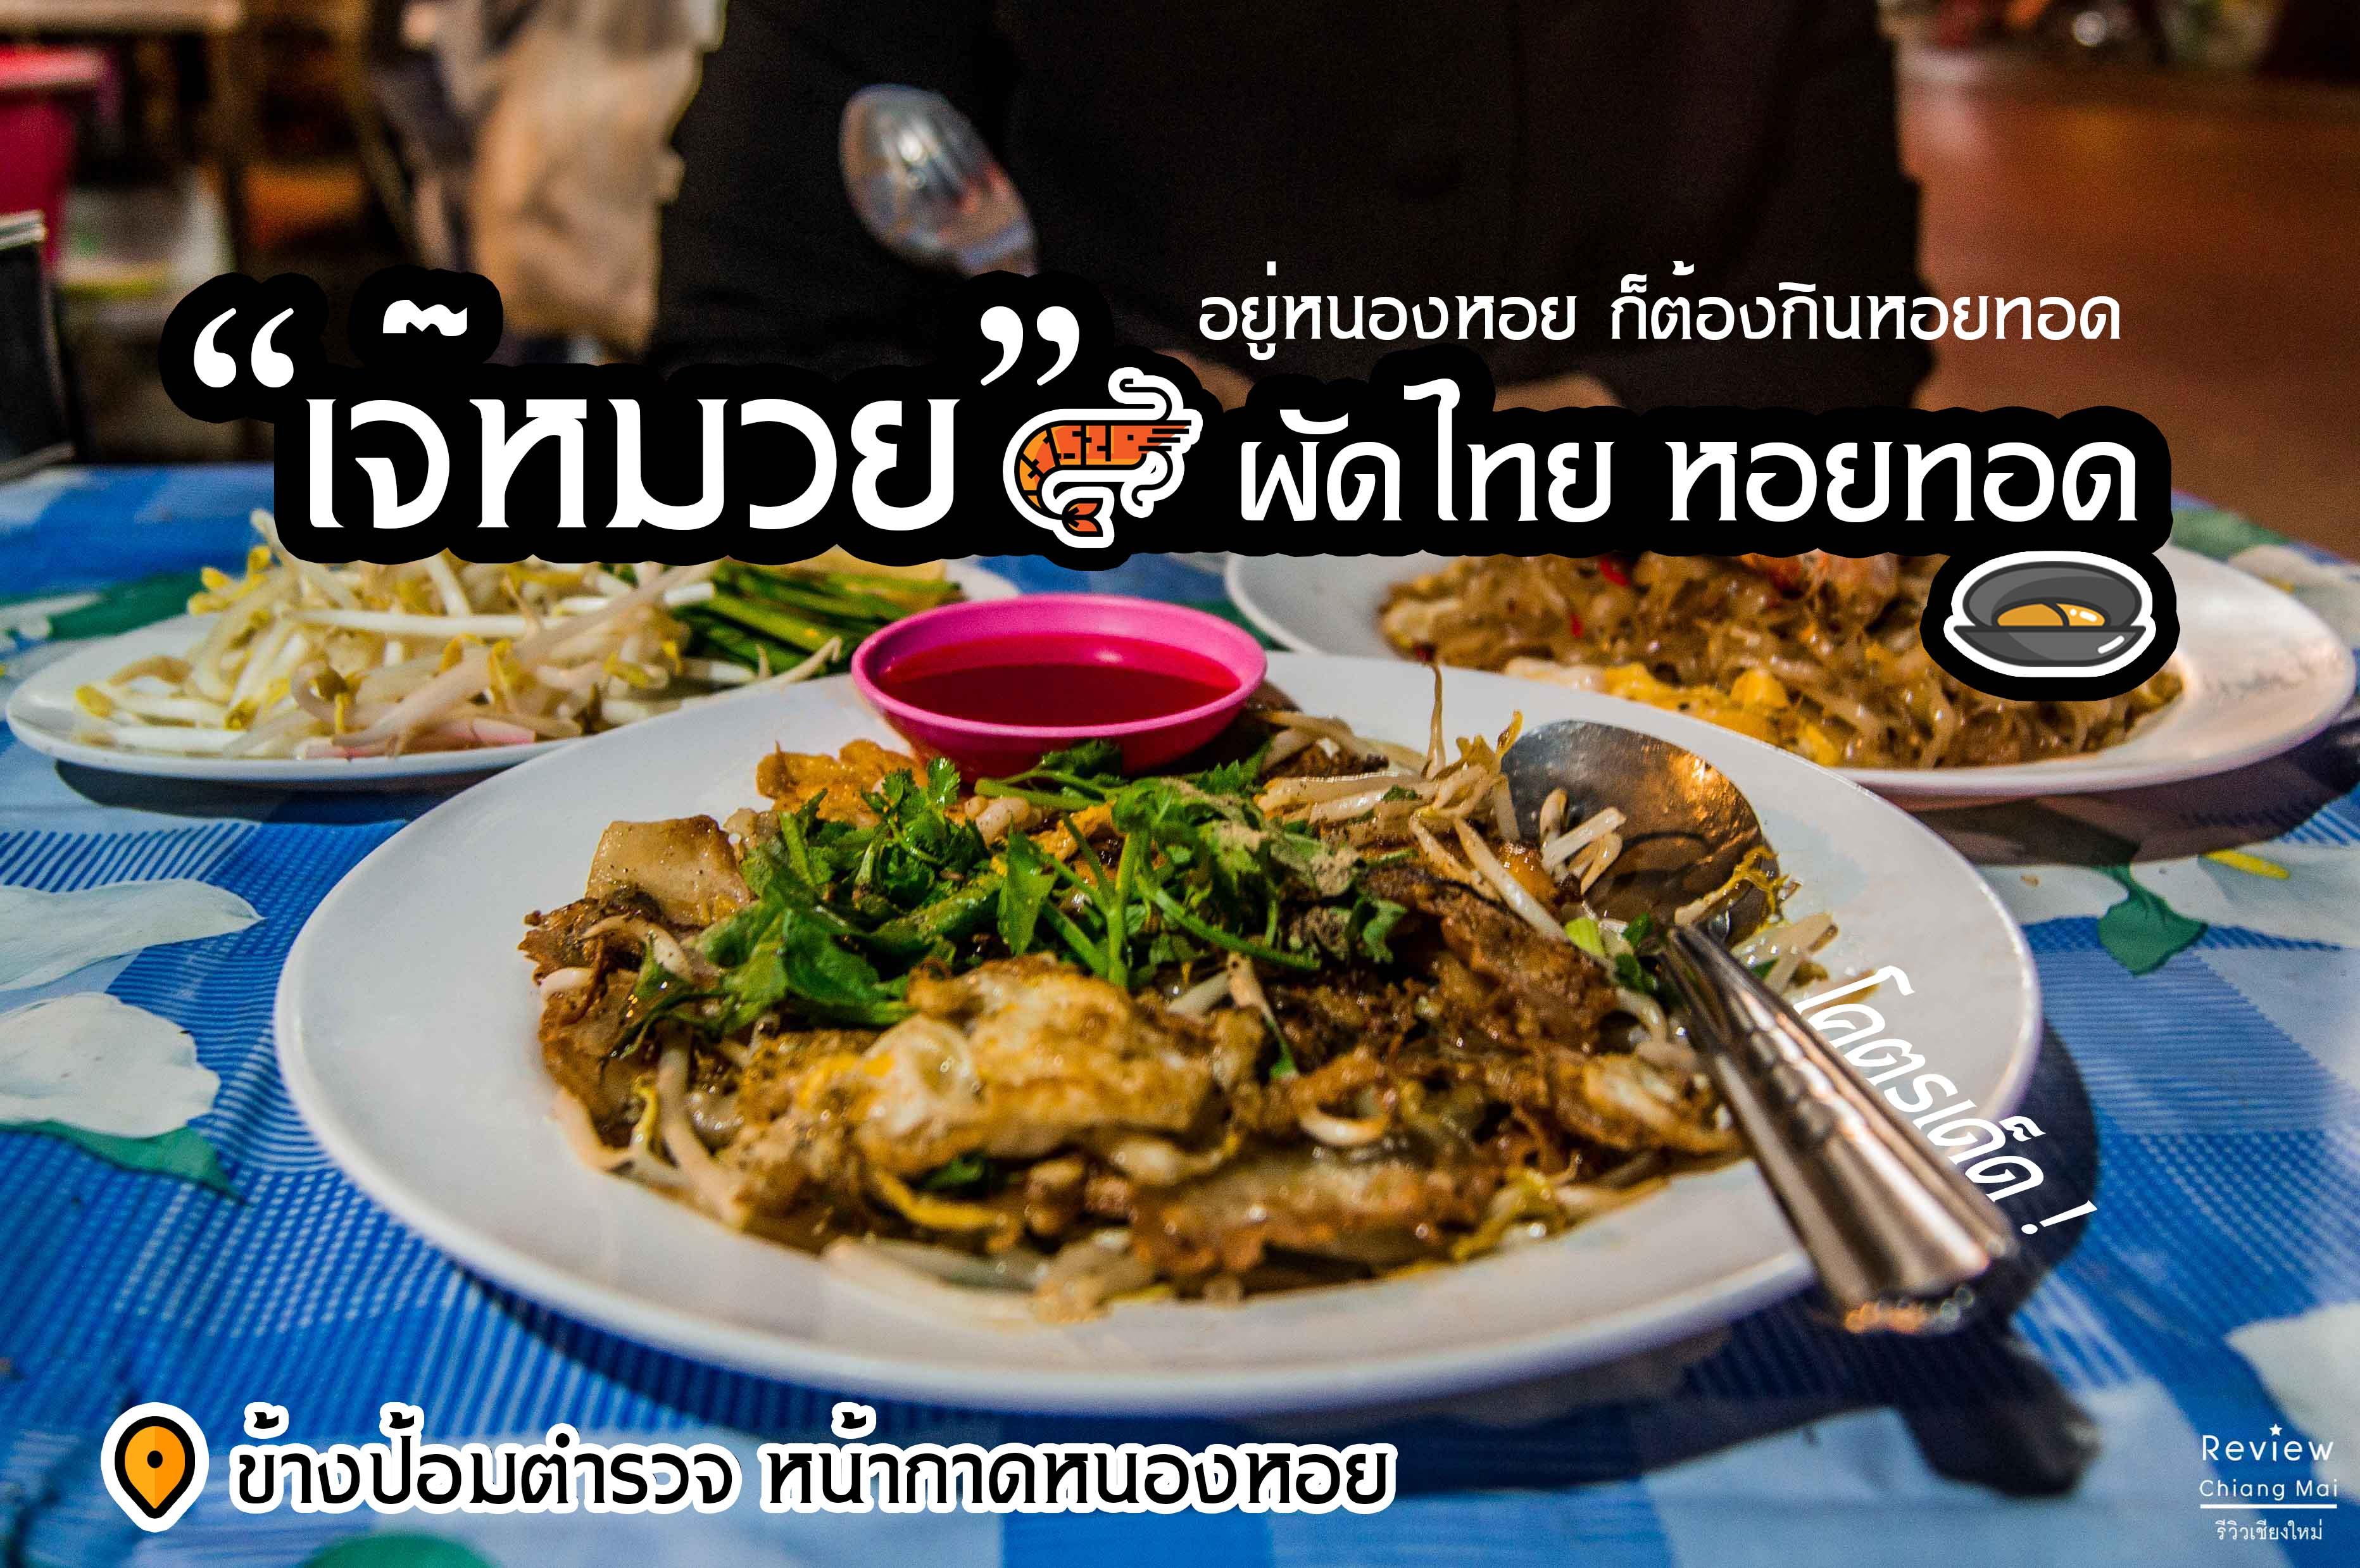 """อยู่หนองหอย ก็ต้องกินหอยทอด """"เจ๊หมวย"""" ผัดไทย หอยทอด 📍ข้างป้อมตำรวจ หน้ากาดหนองหอย #โคตรเด็ด"""